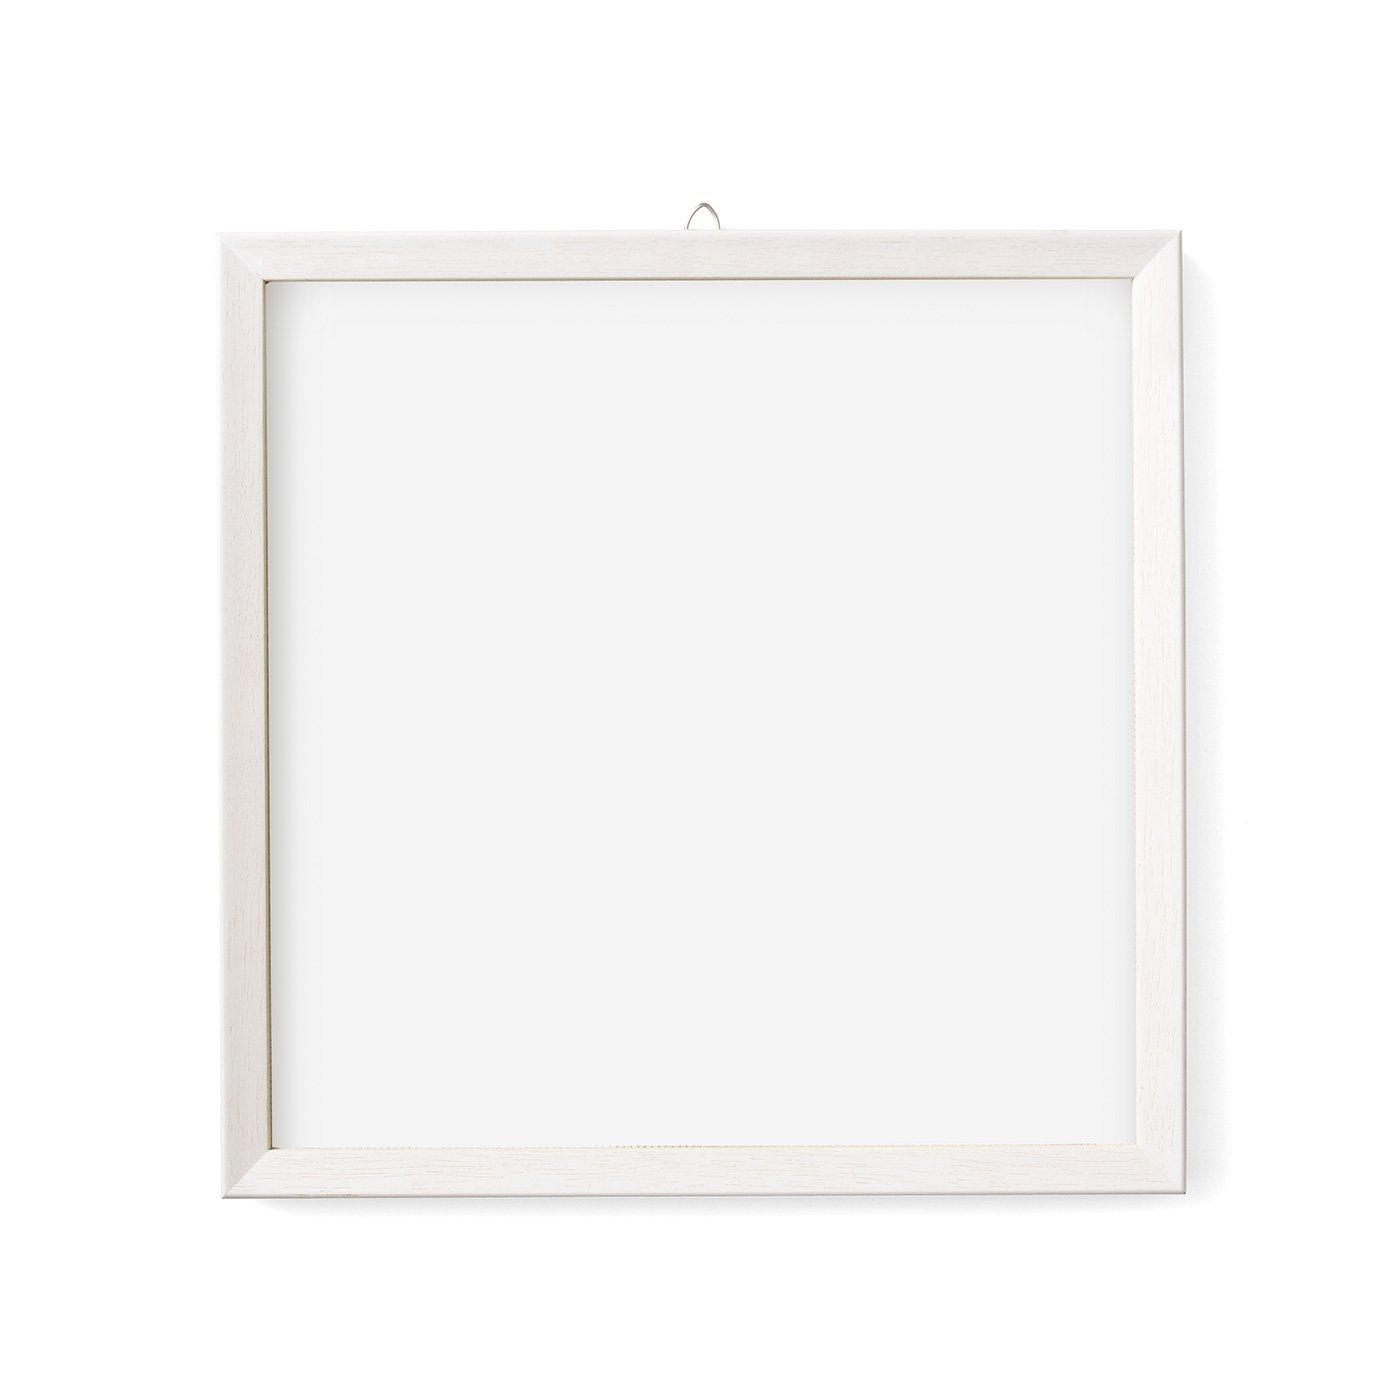 ヴィ・ドゥ・ラ・ブロドゥーズ 白い木製フレーム